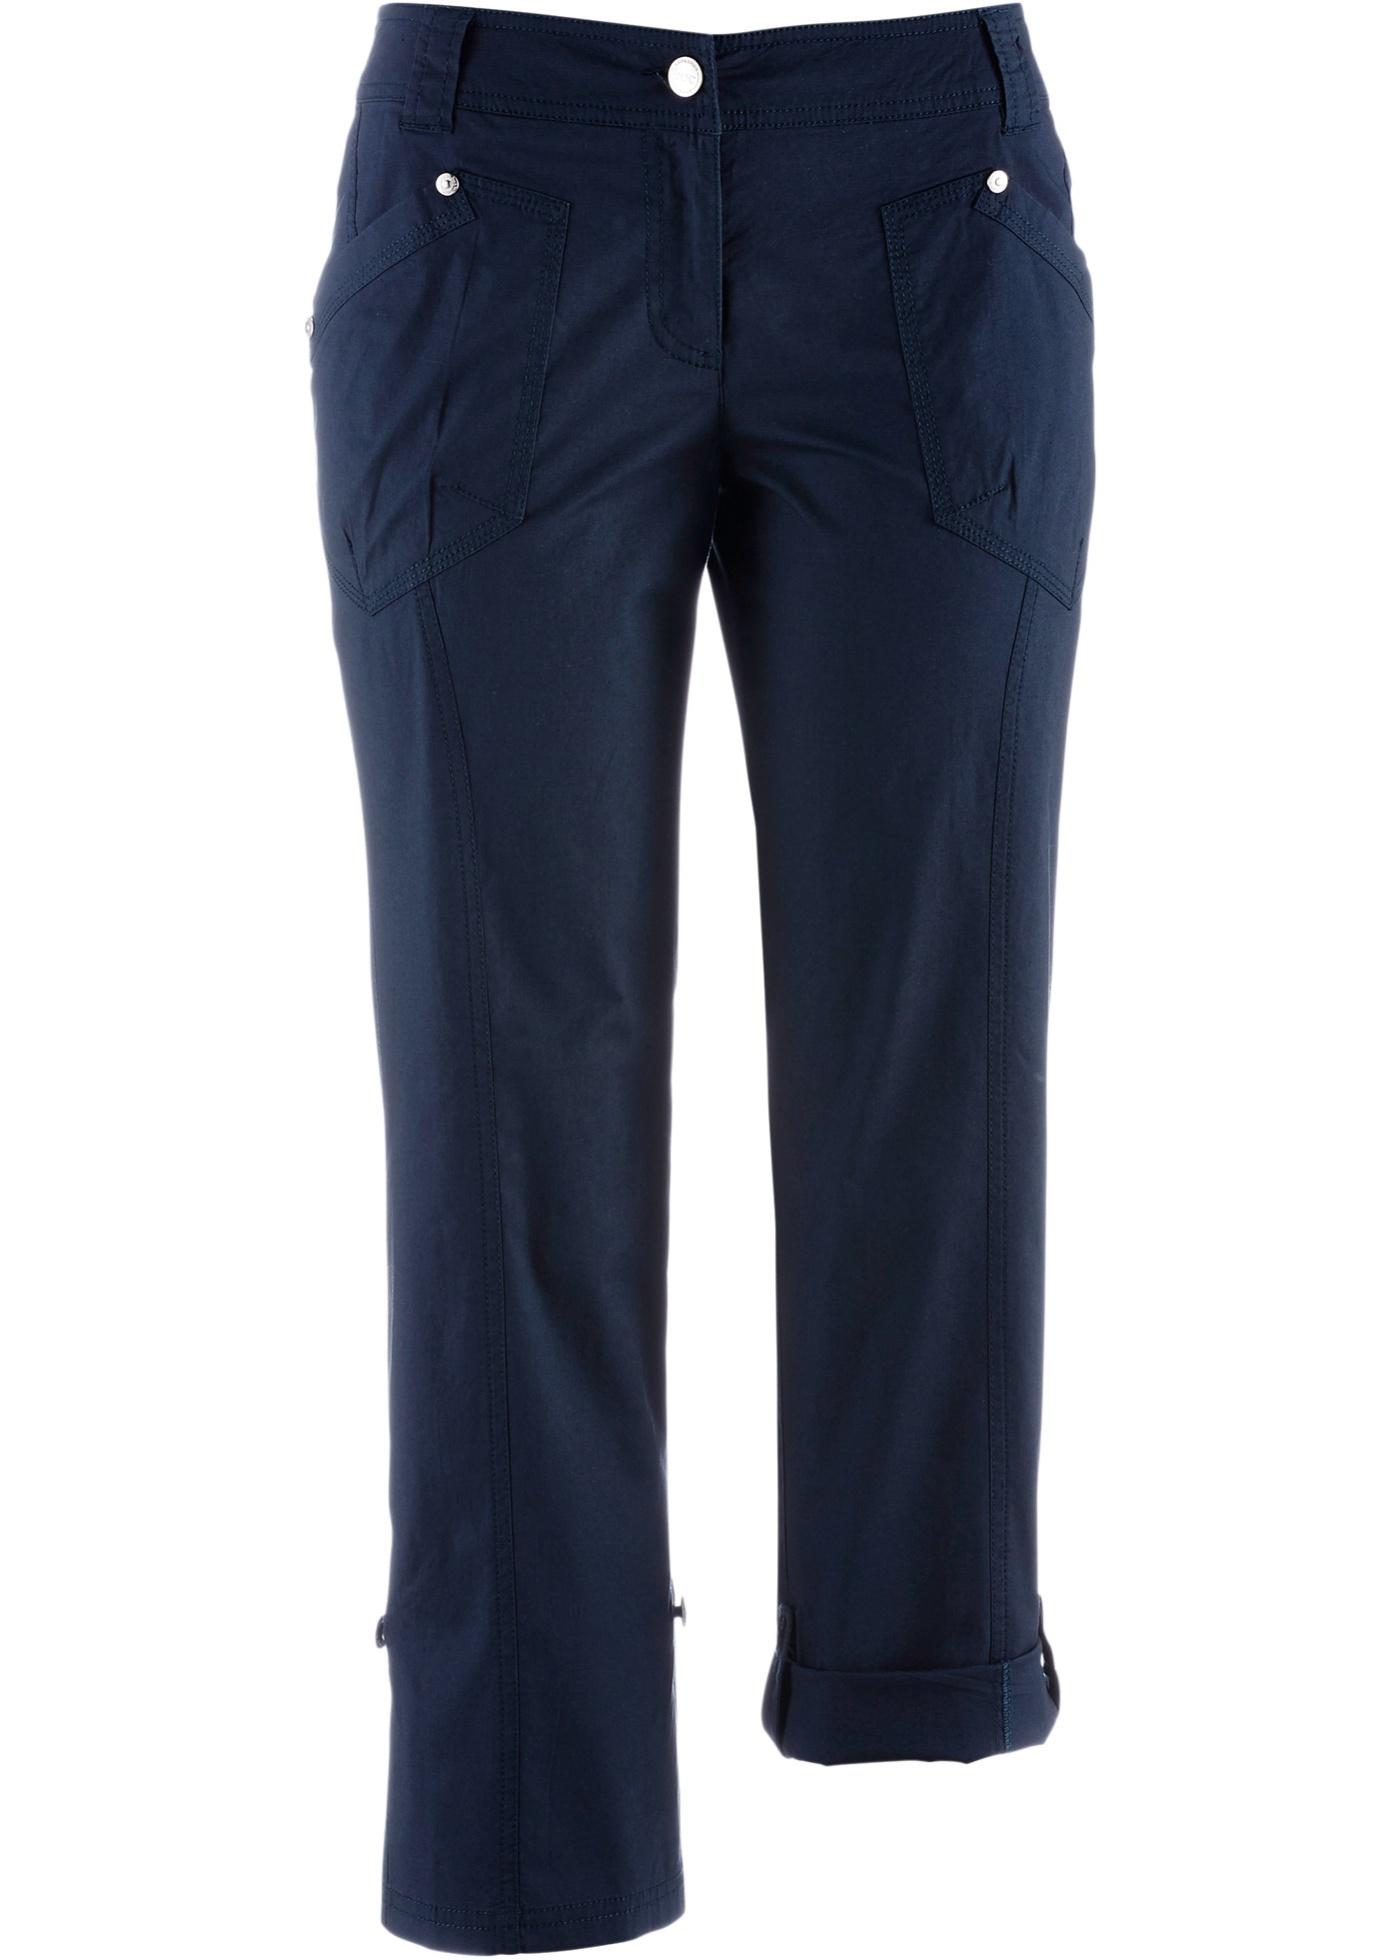 Pantalon extensible cargo 3/4